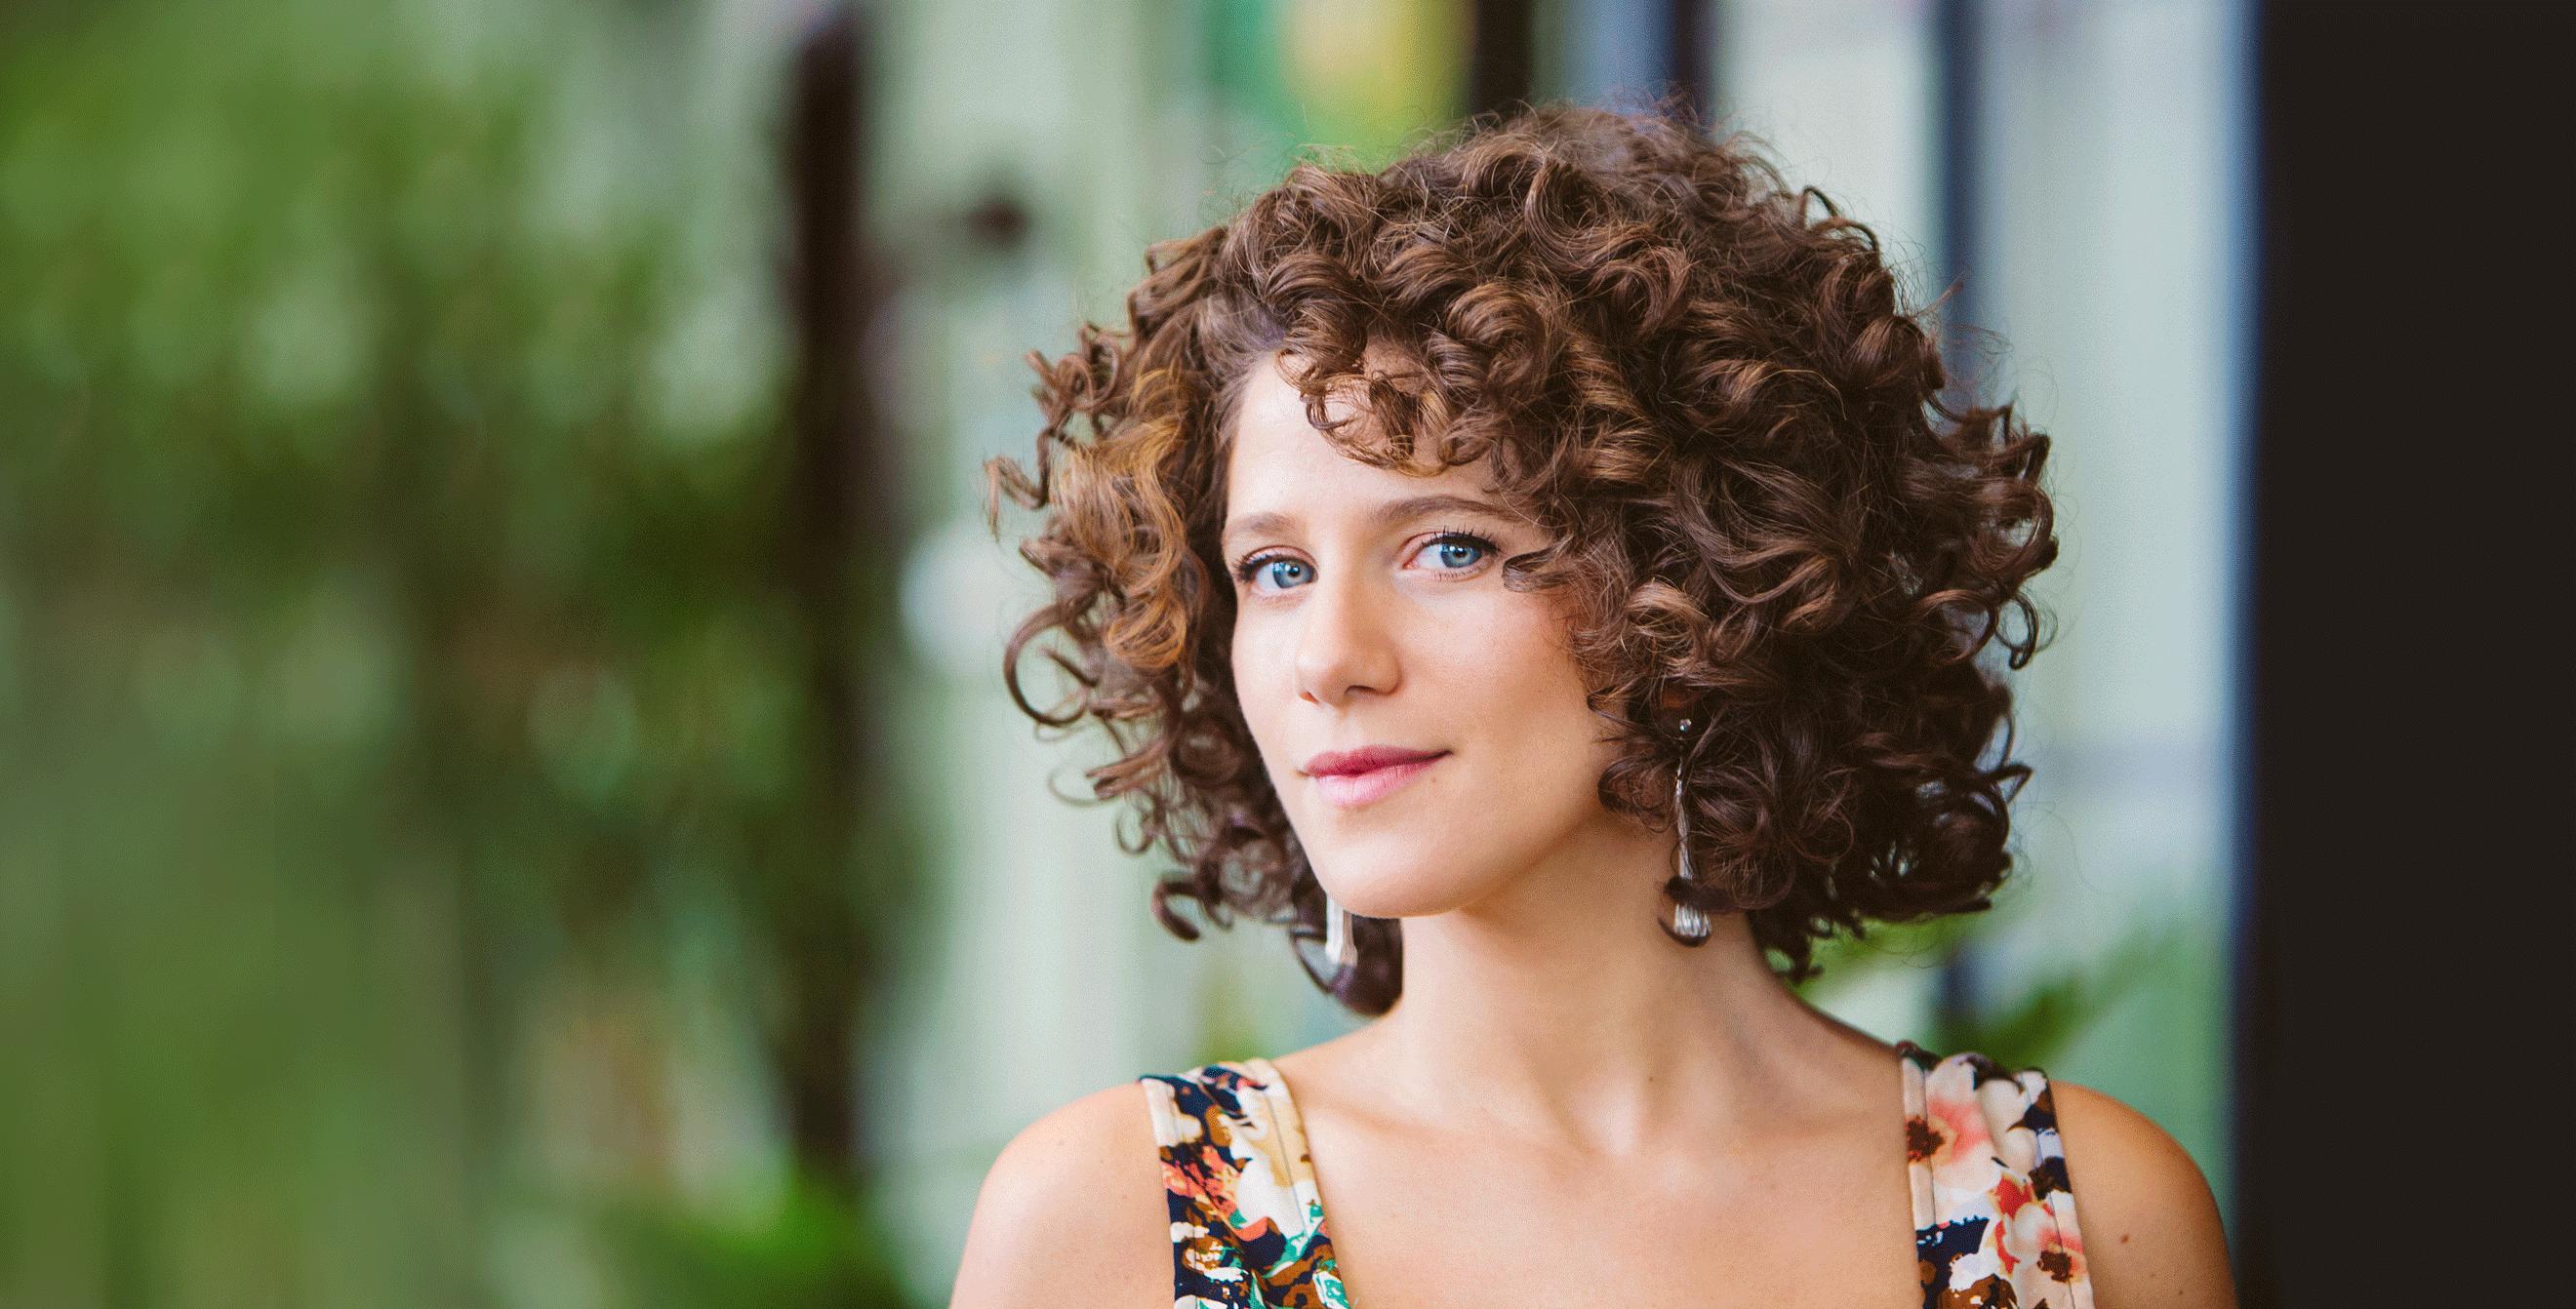 La cantante Cyrille Aimée gira por España